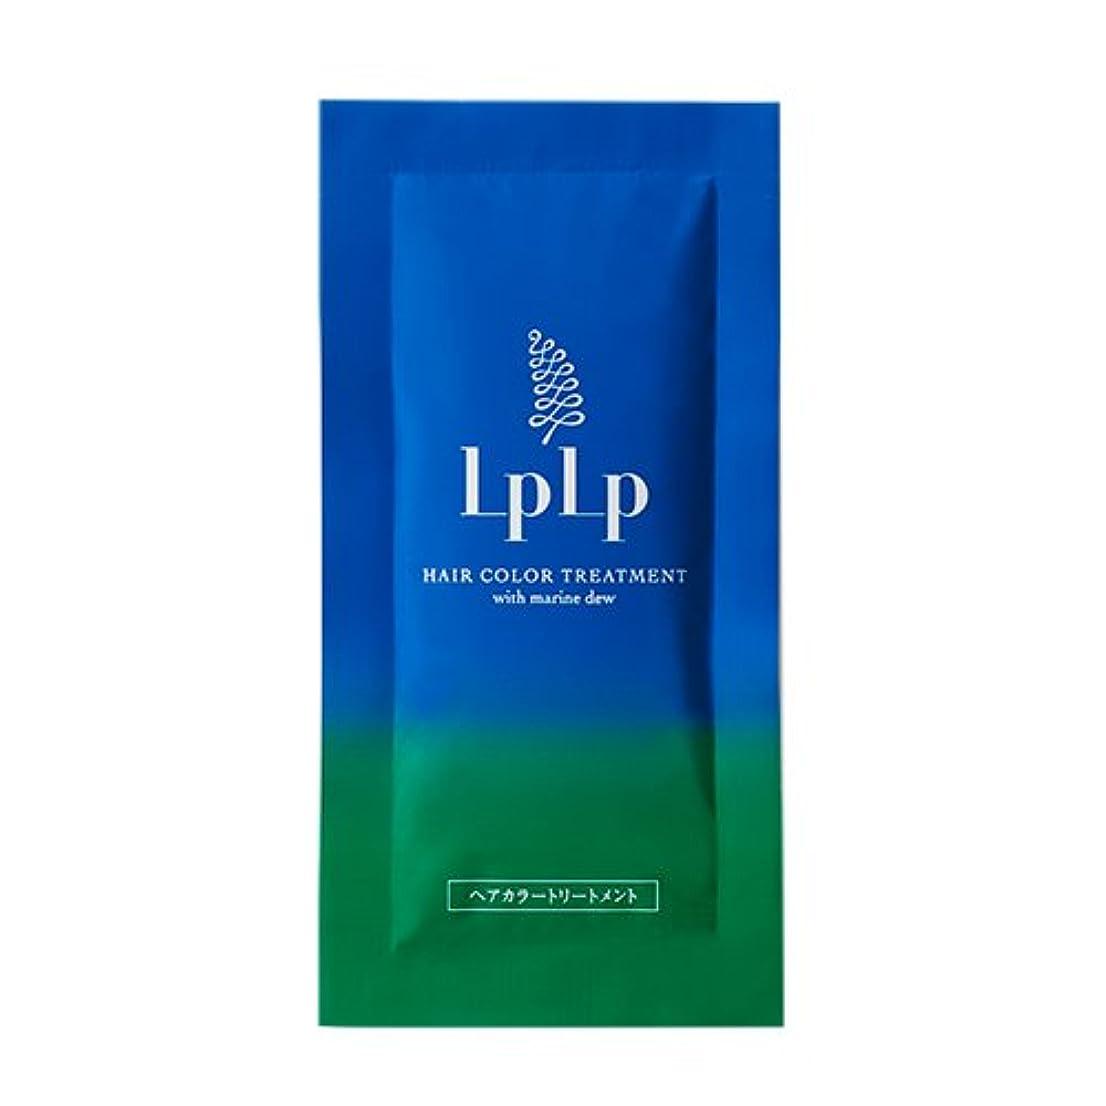 コスチューム人気の知っているに立ち寄るLPLP(ルプルプ)ヘアカラートリートメントお試しパウチ モカブラウン